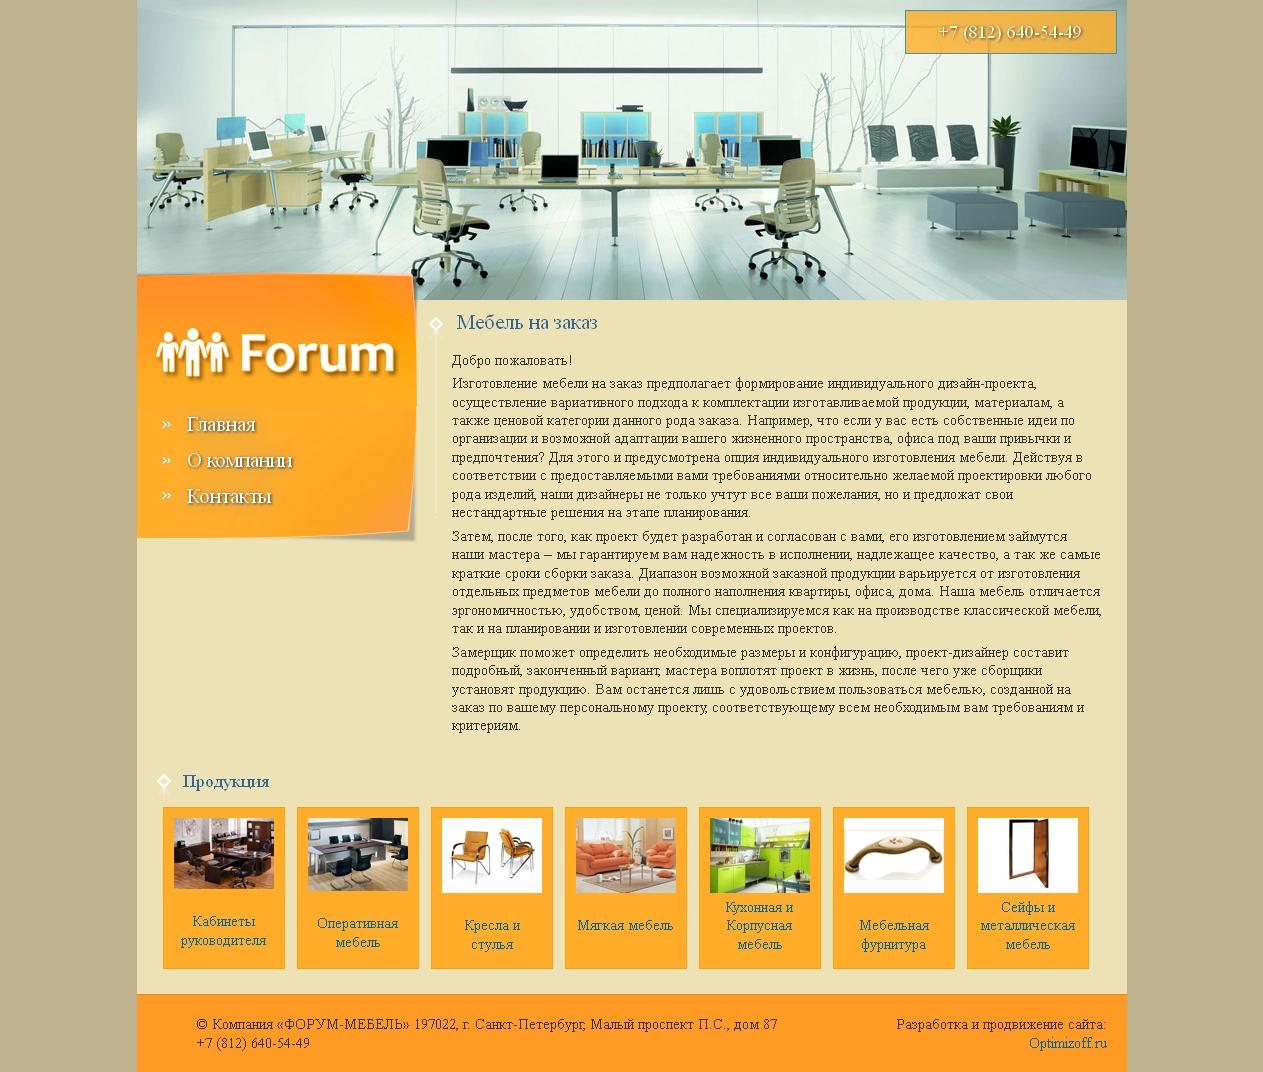 <p>Интернет сайт мебели на заказ разработали специалисты нашей веб студии для компании «Форум-Мебель», с учетом всей специфики интернет ресурса.</p>